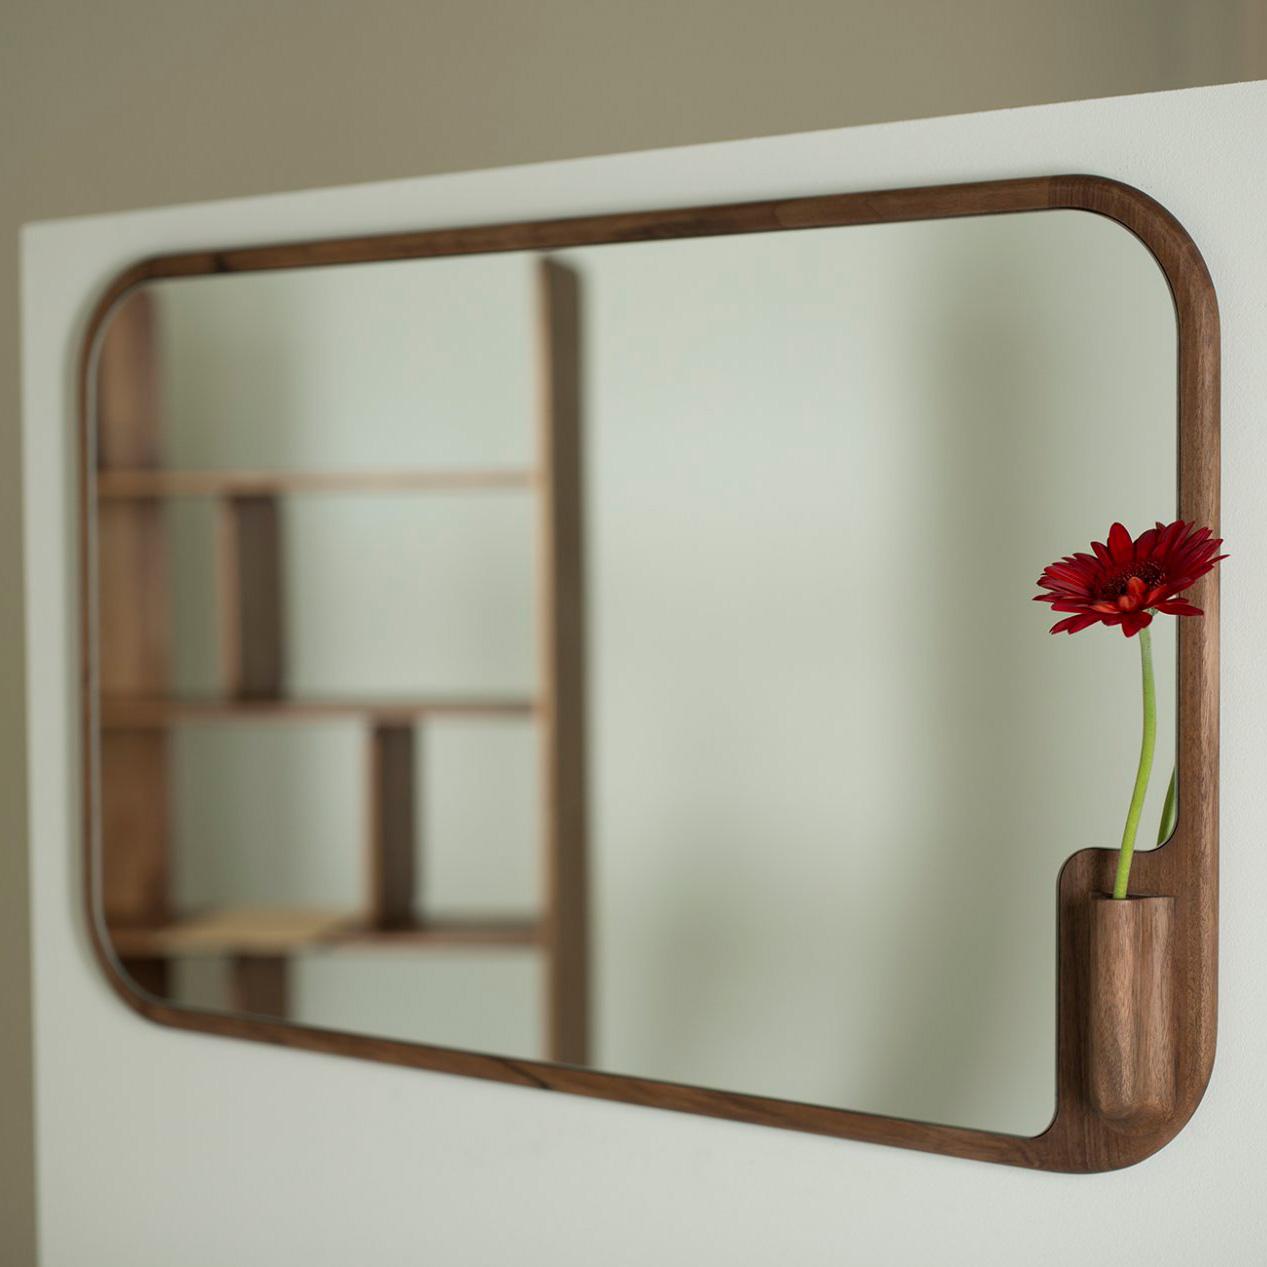 Espejo Muse de madera maciza, diseño moderno y producción artesanal.